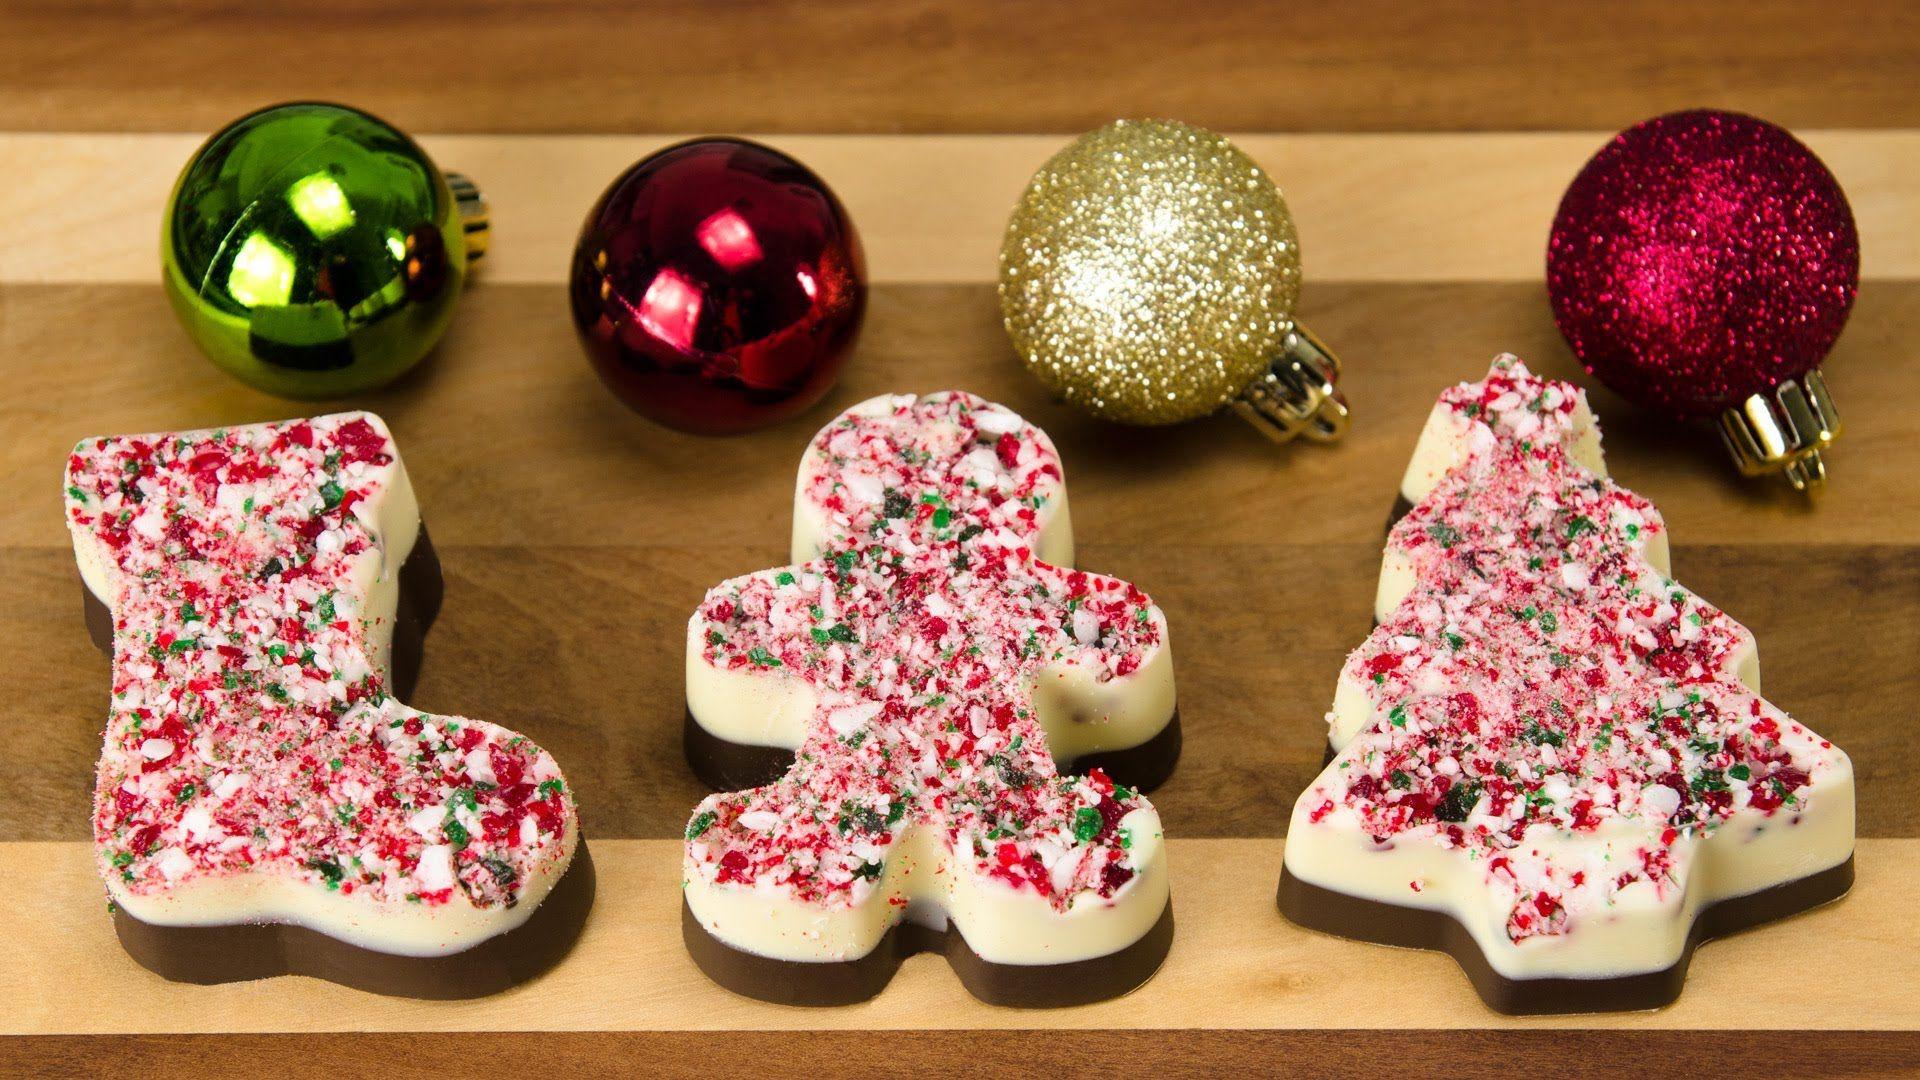 Cum să îi surprinzi pe cei dragi cu ciocolată de casă de sărbători